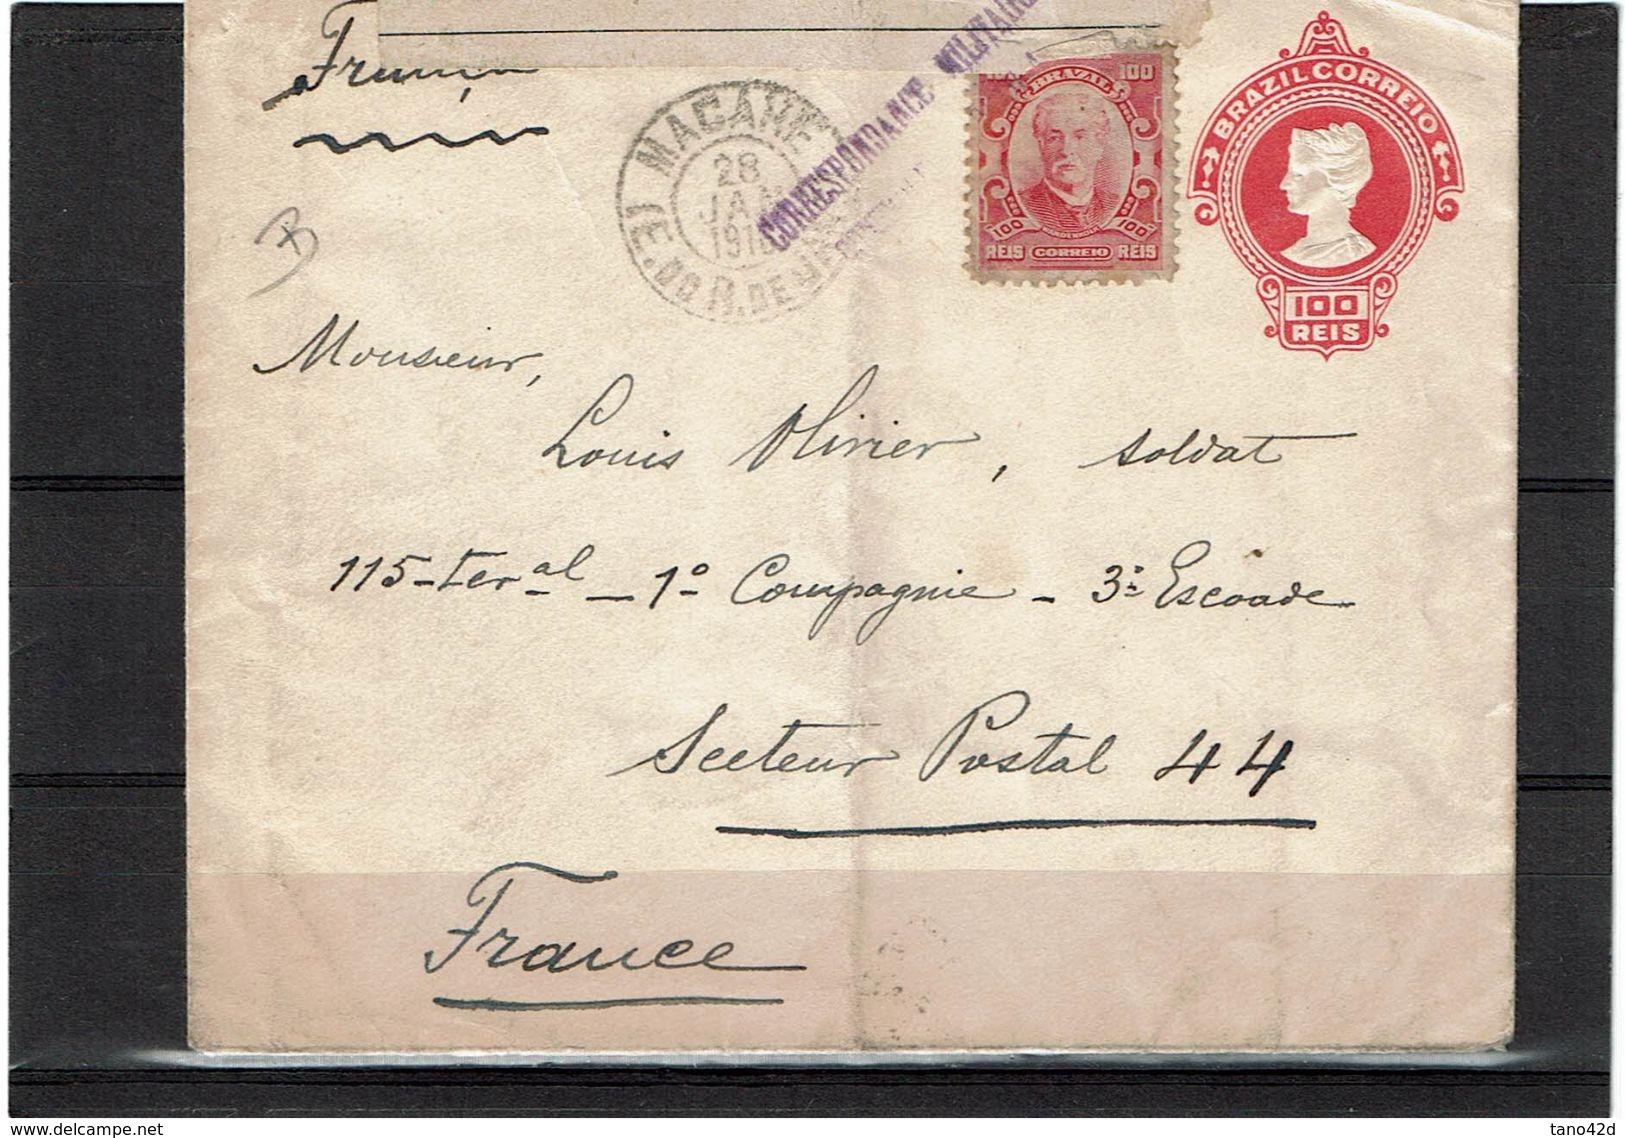 BRESIL EP ENVELOPPE  CIRCULEE JANVIER 1916 CACHET CORRESPONDANCE MILITAIRE + CENSURE FRANCAISE - Entiers Postaux